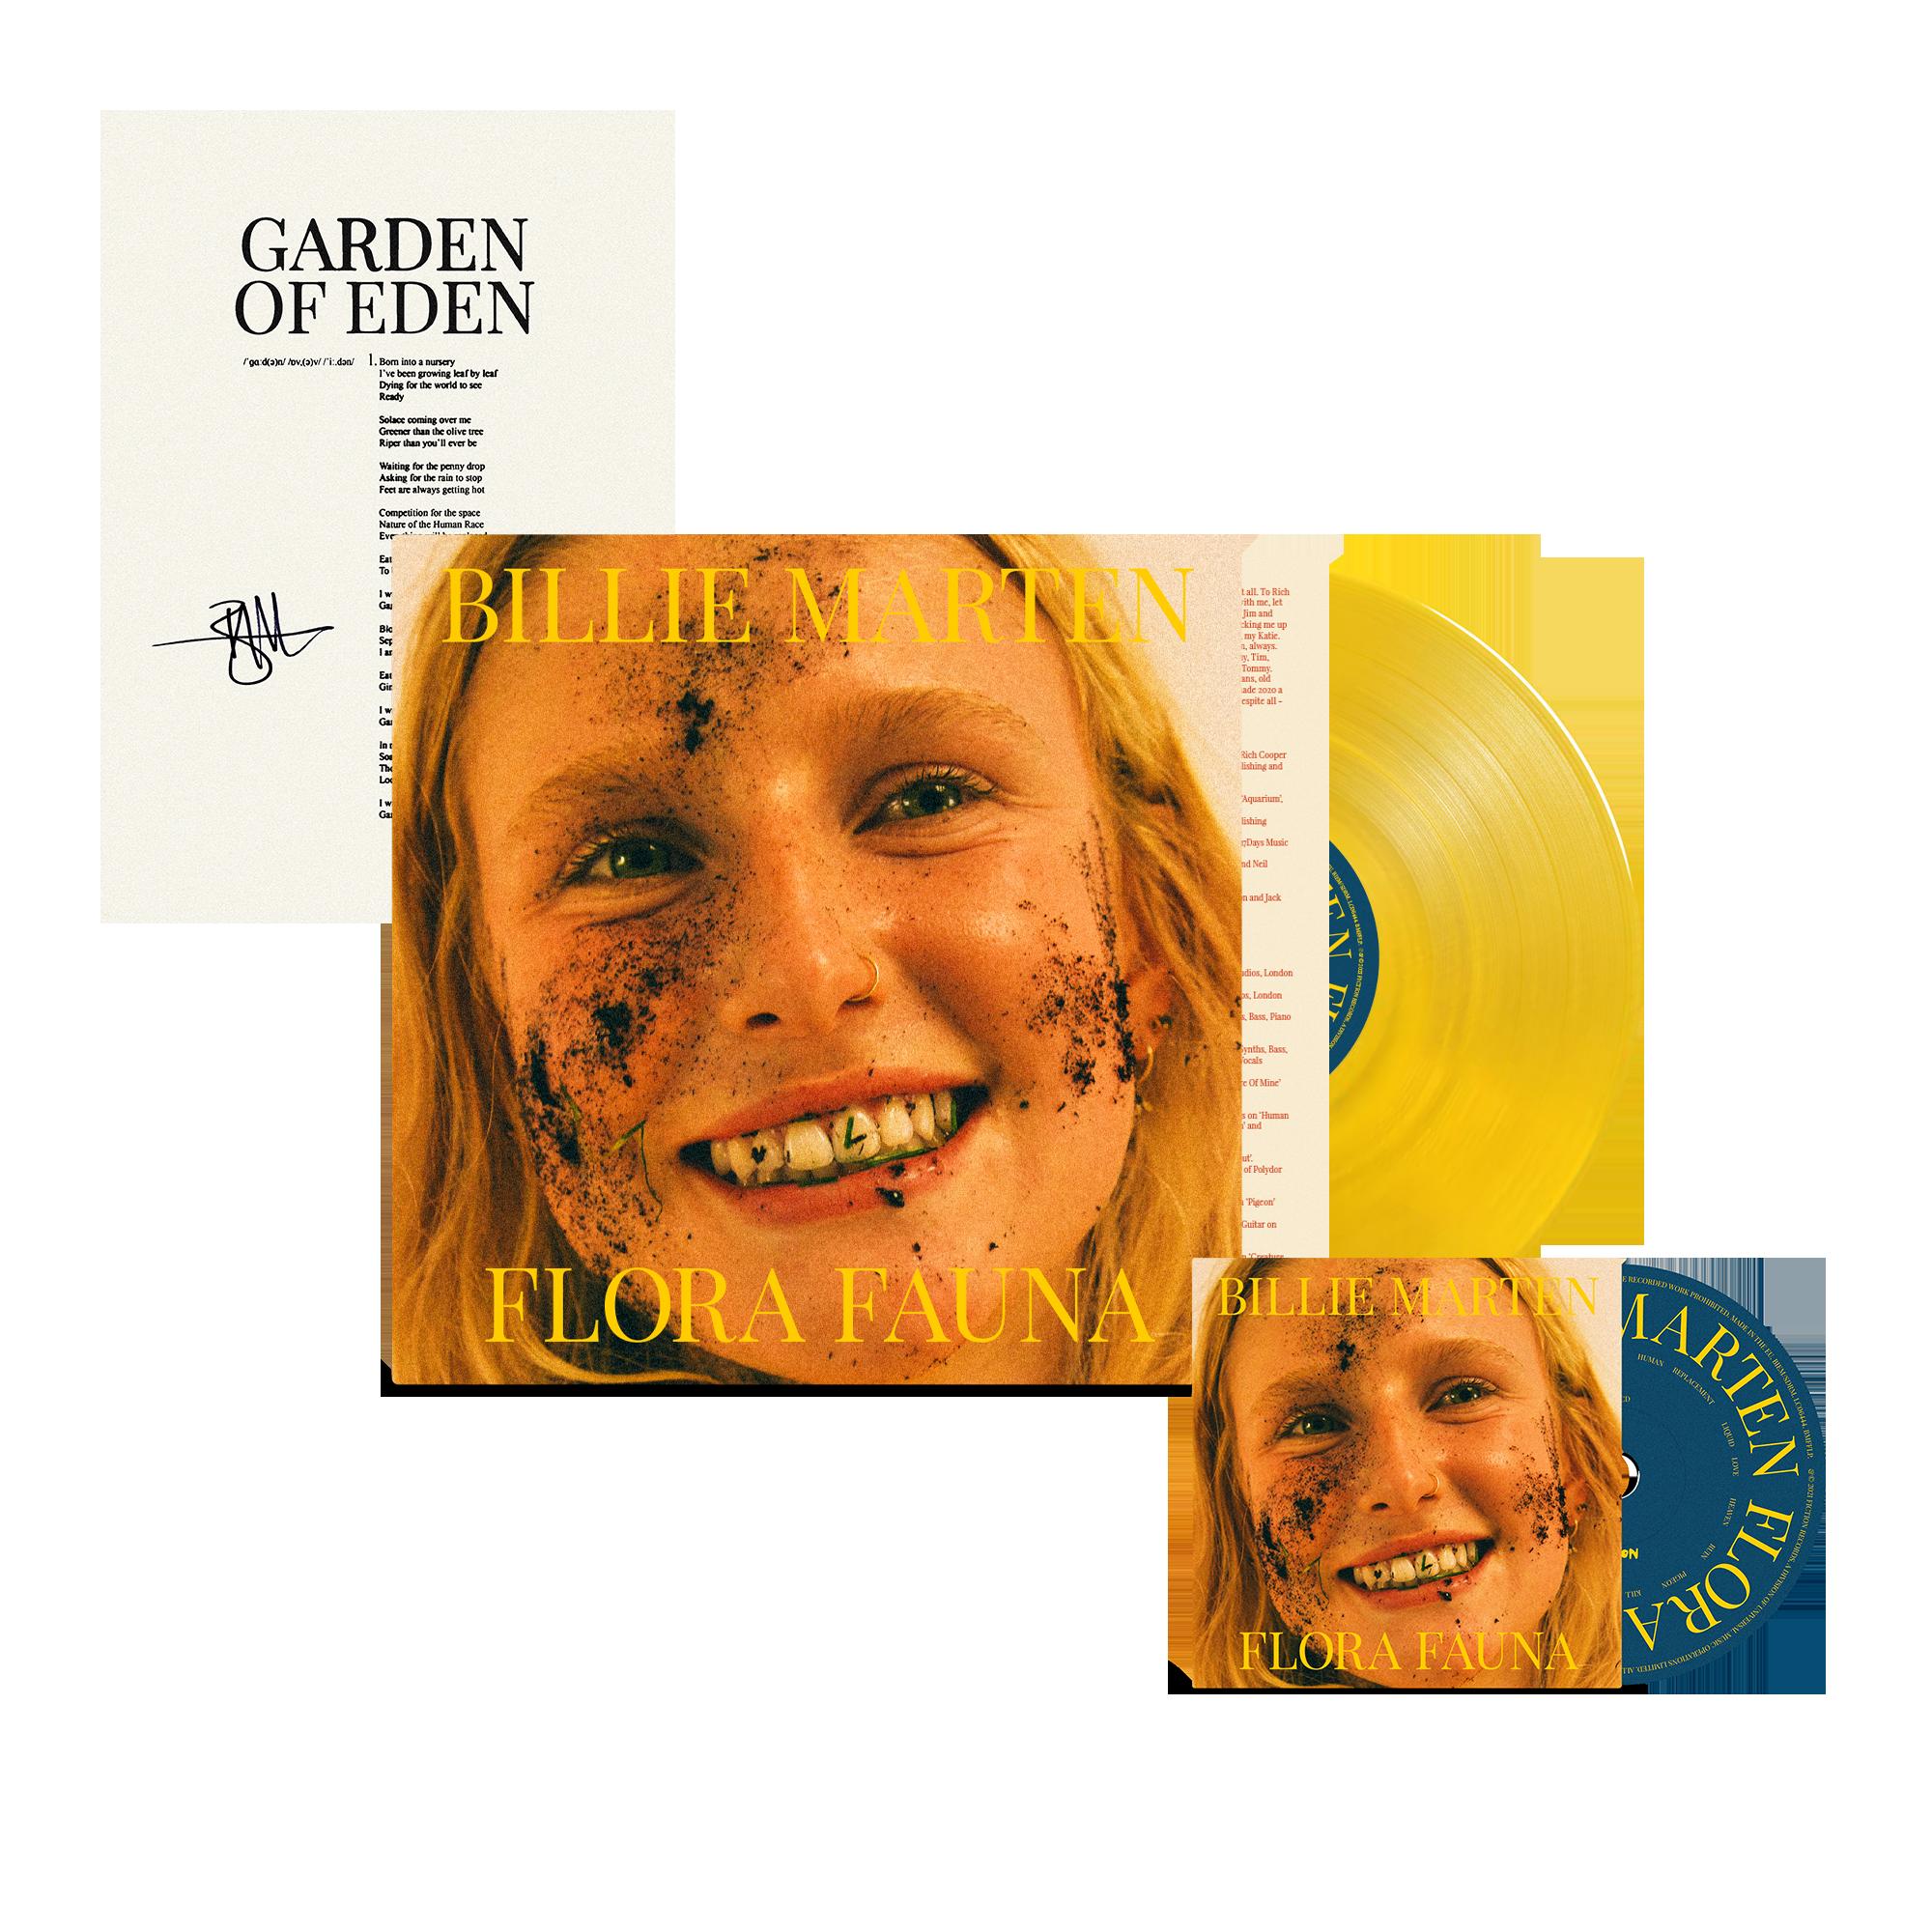 Flora Fauna CD + Transparent Sun Yellow Vinyl + Signed Lyric Sheet